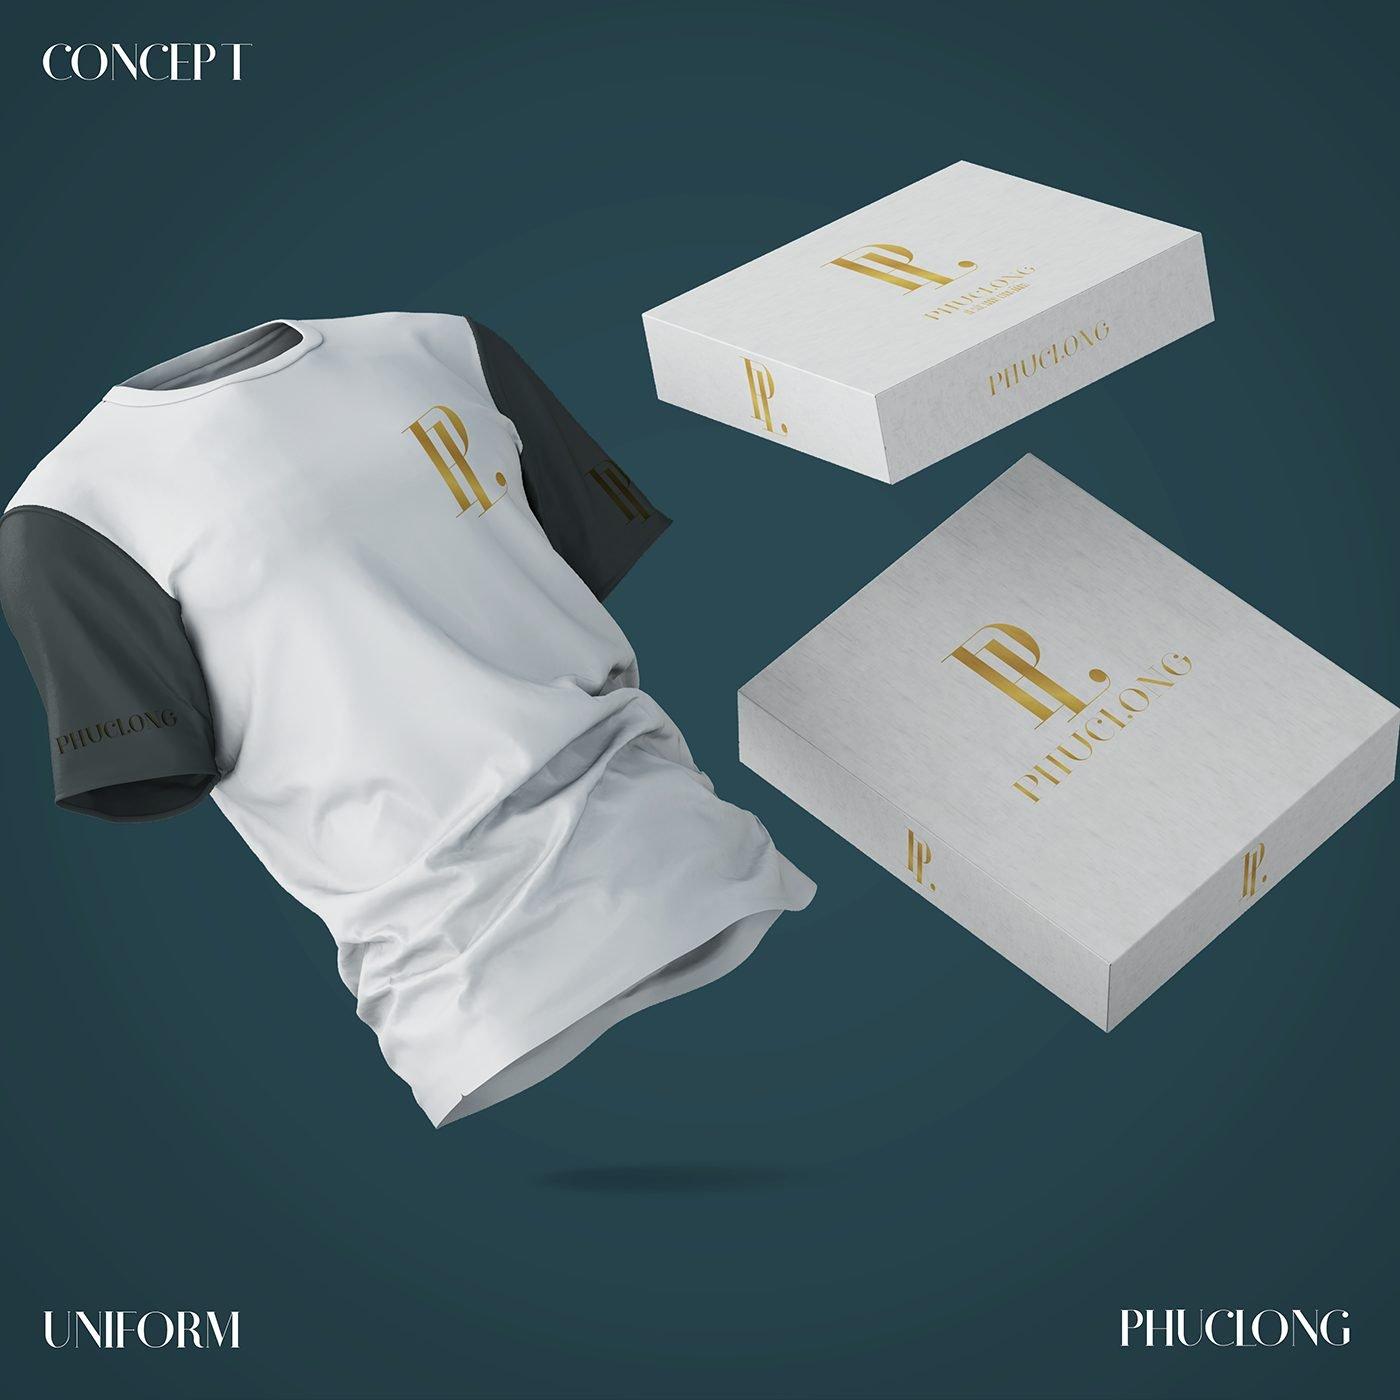 branding uniform đồng phục công ty typeface cho thương hiệu thiết kế nhận diện thương hiệu xây dựng logo doanh nghiệp thiết kế ấn phẩm quảng cáo thương hiệu thiết kế Helixgram Saigon